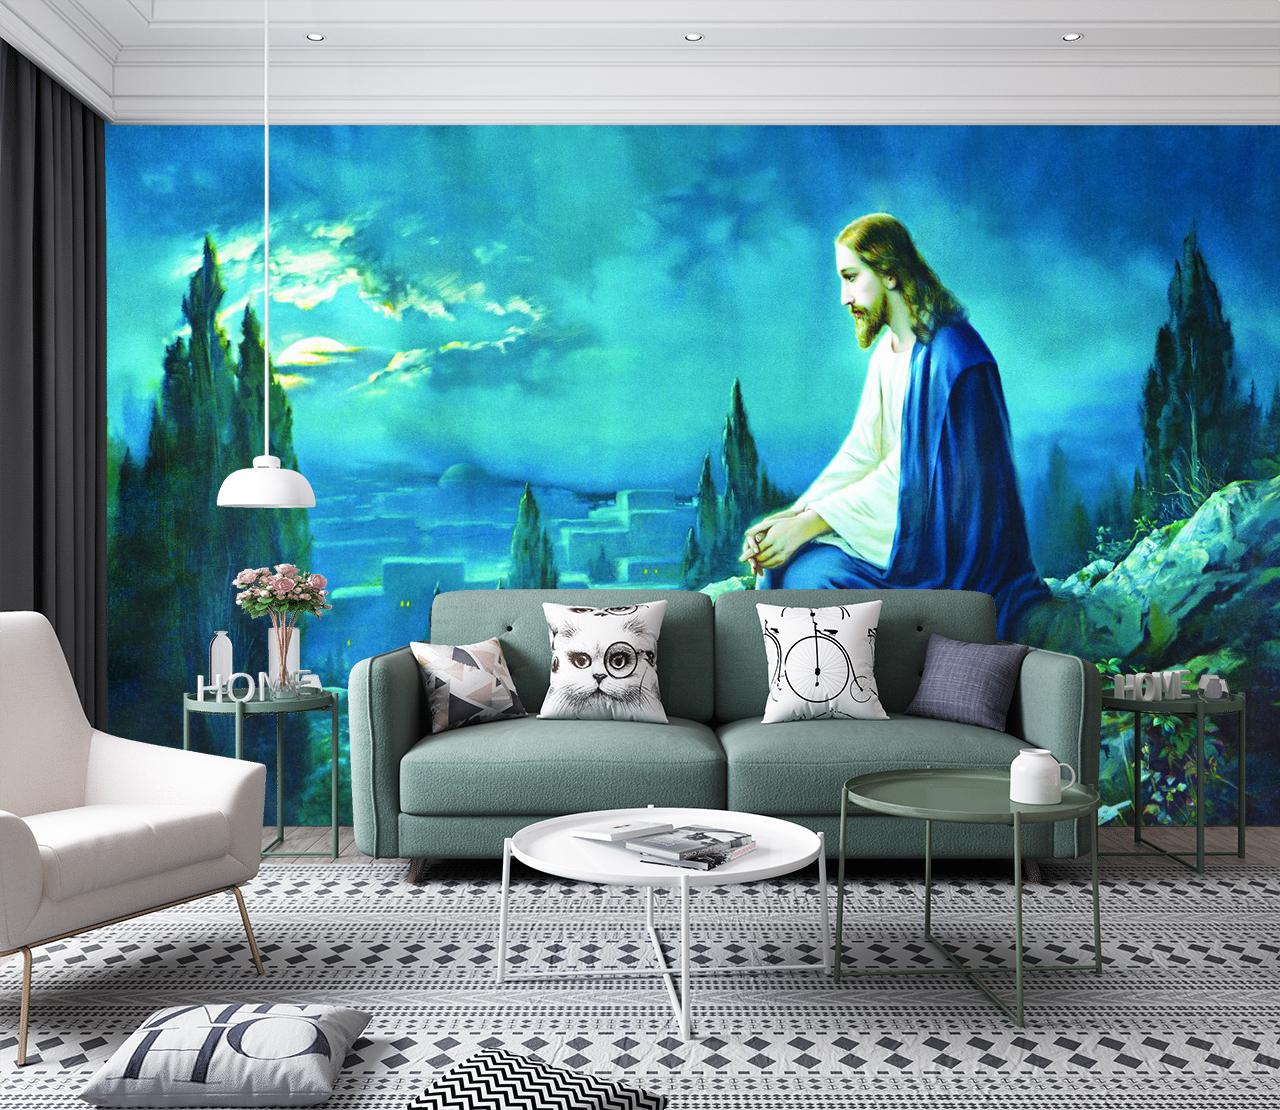 Tranh Dán Tường Công giáo Chúa Cầu Nguyện